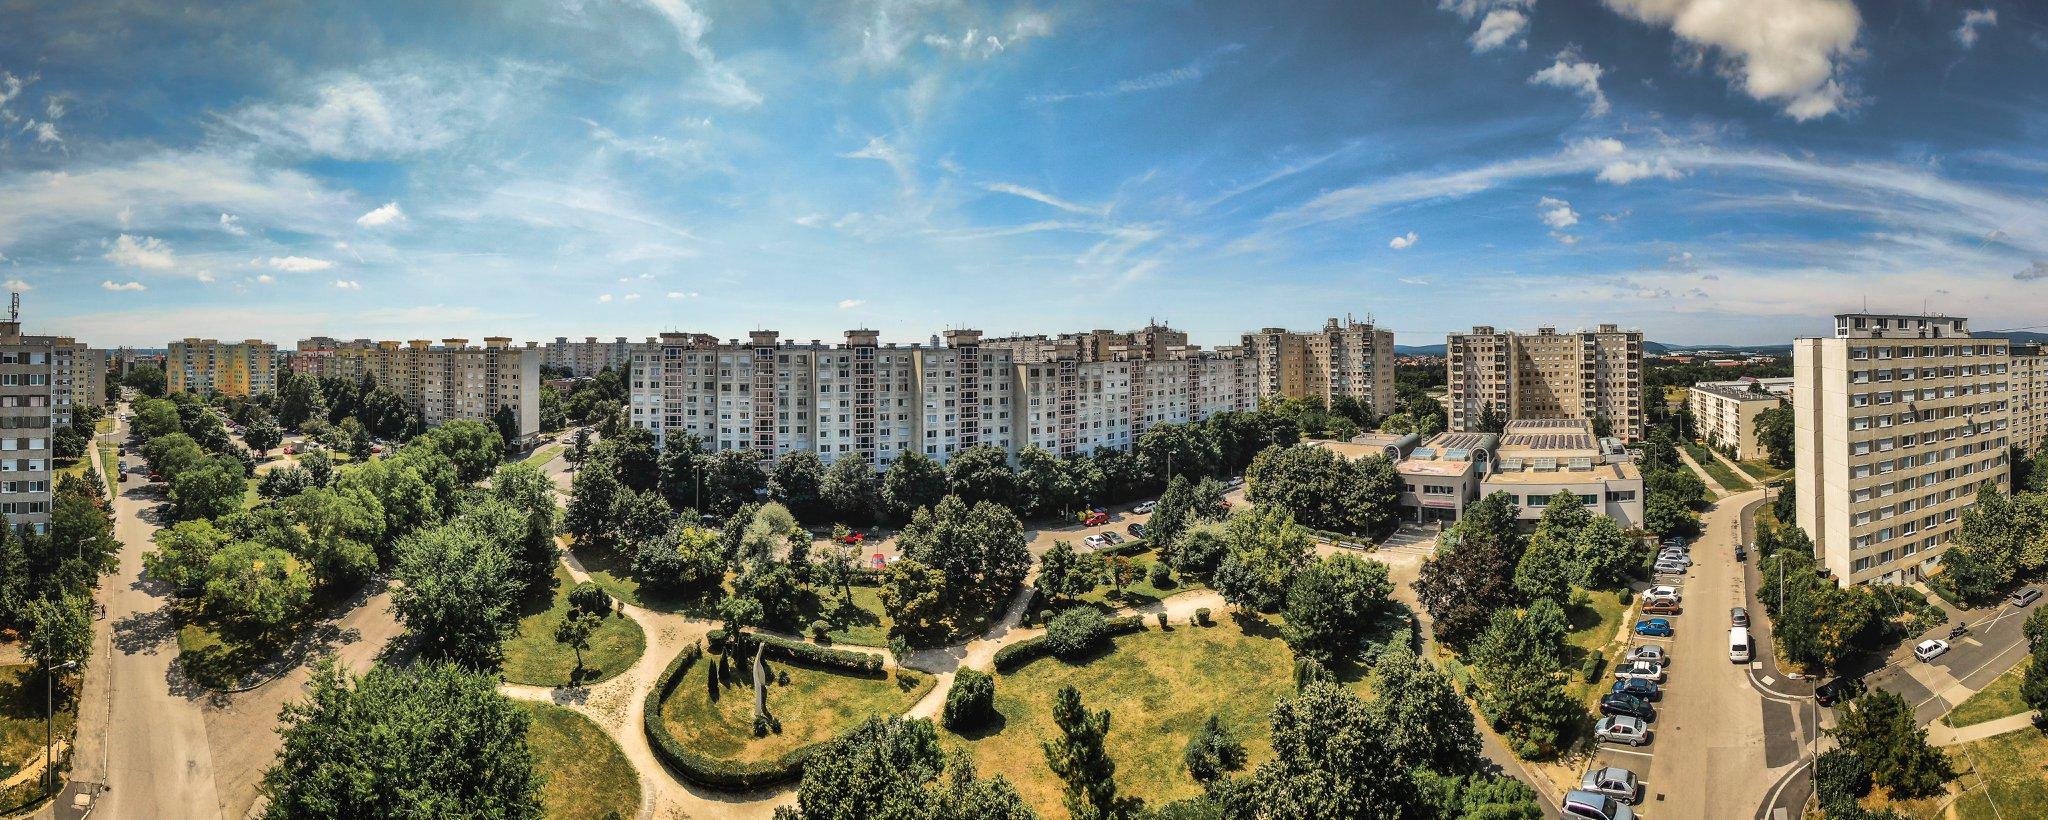 Európa Kulturális Fővárosa – A helyi lakosok bevonásával tervezik a közösségi terek felújítását Veszprémben